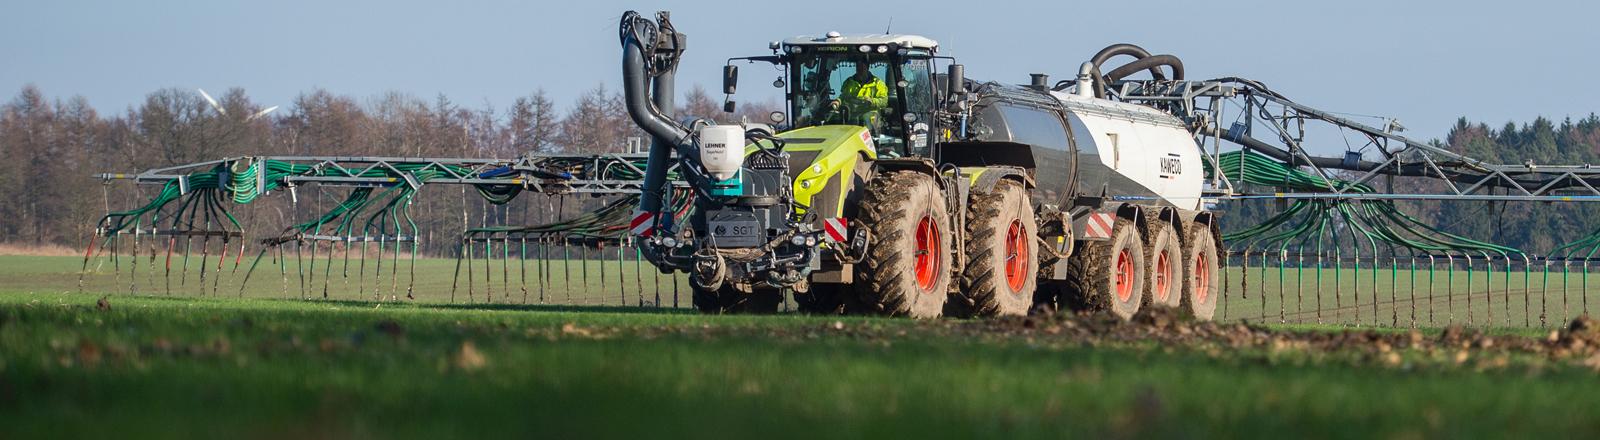 Ein Landwirt bringt mit seinem Gespann, Gülle auf einem Feld aus.